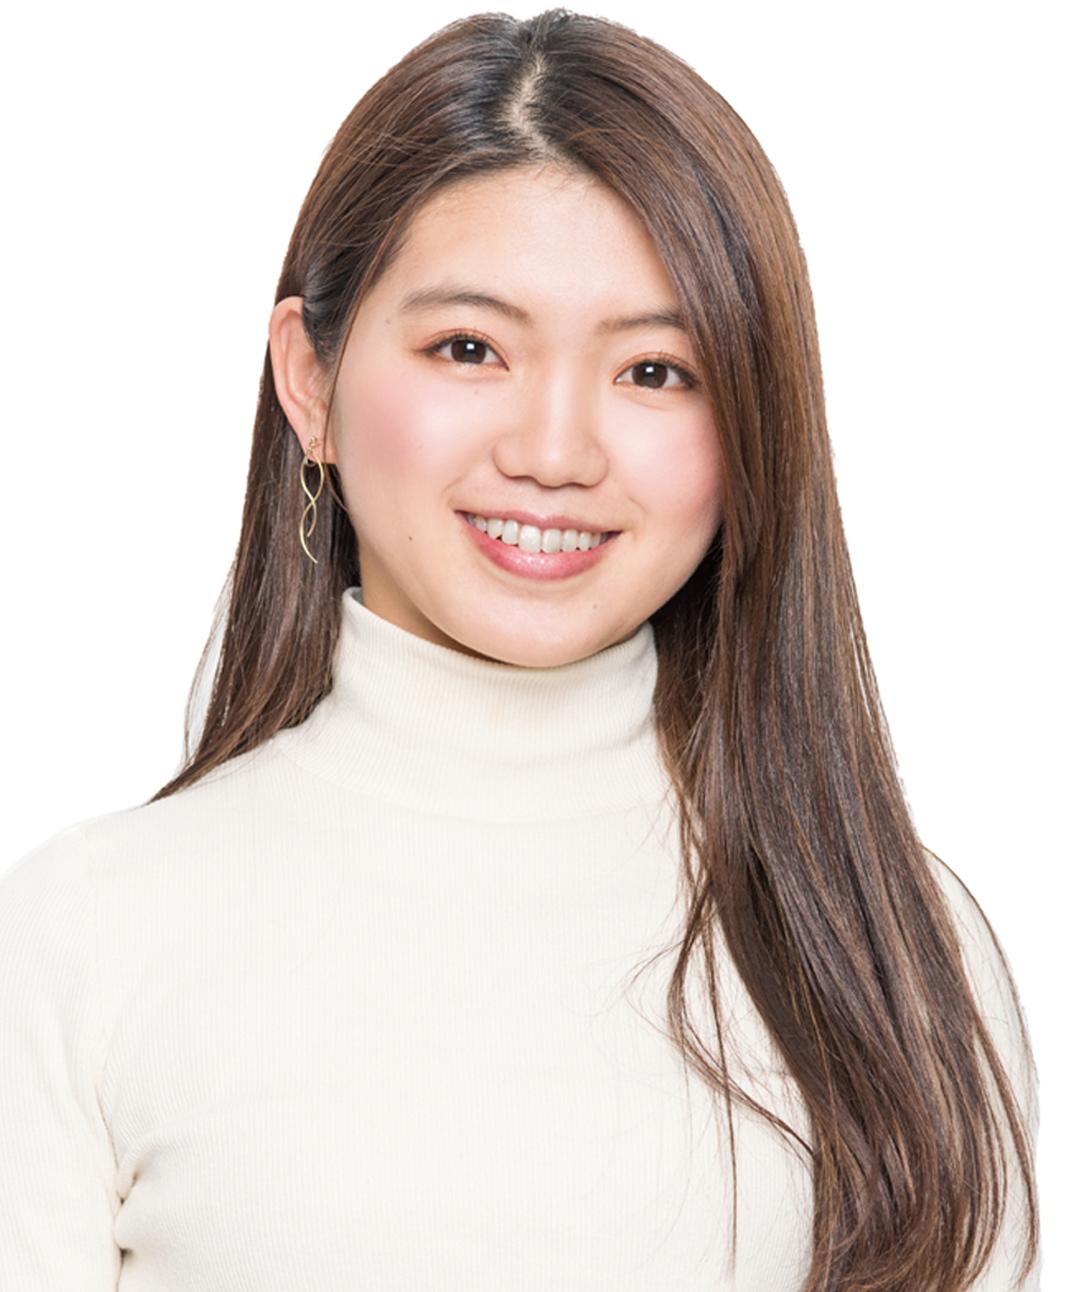 祝♡ 新加入! 5期生のブログをまとめてチェック【カワイイ選抜】_1_6-2